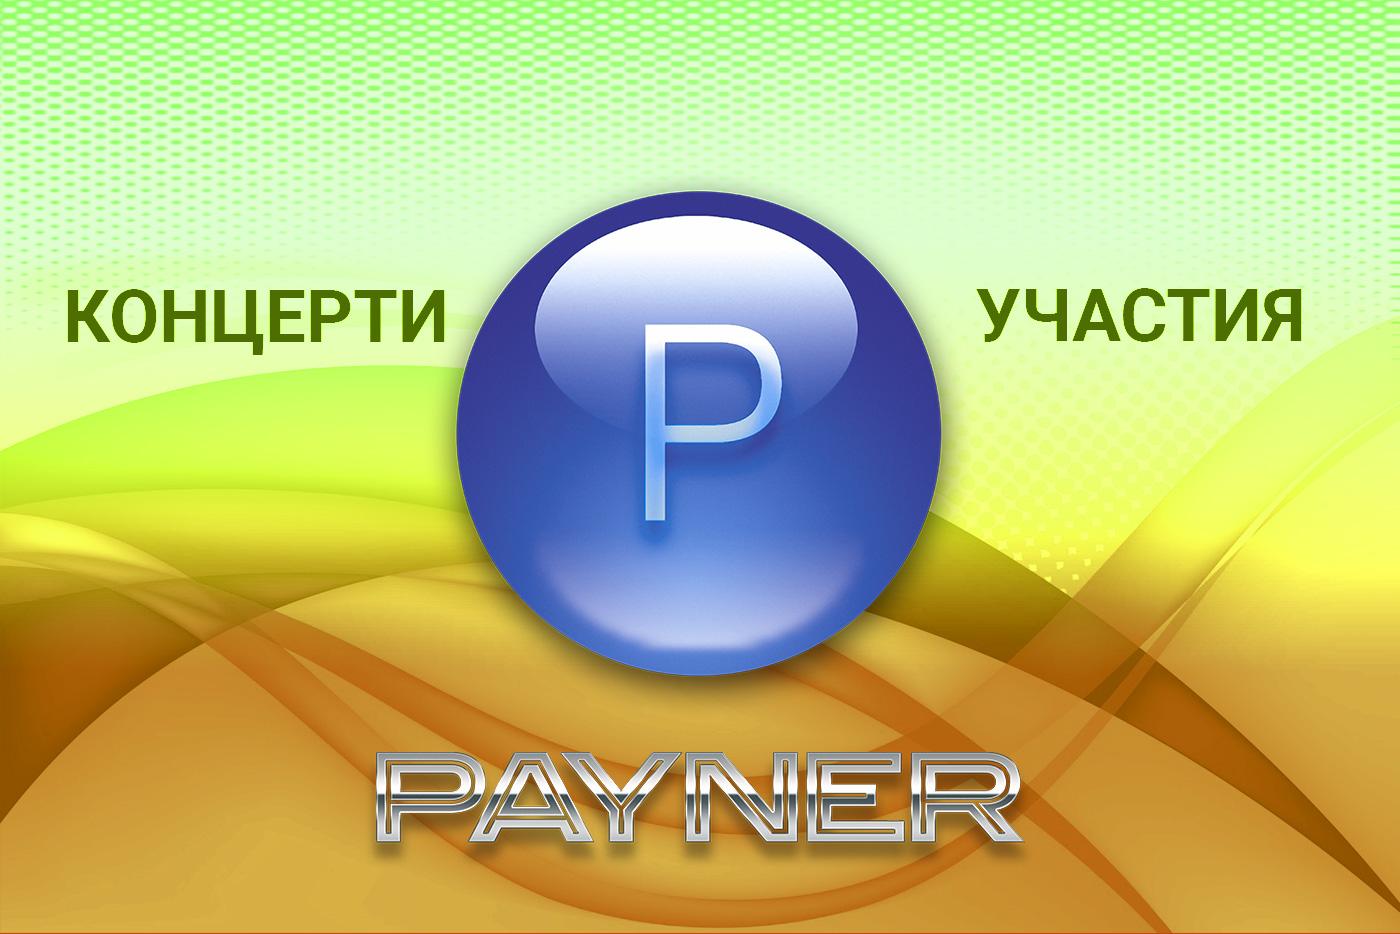 """Участия на звездите на """"Пайнер"""" на 26.01.2020"""